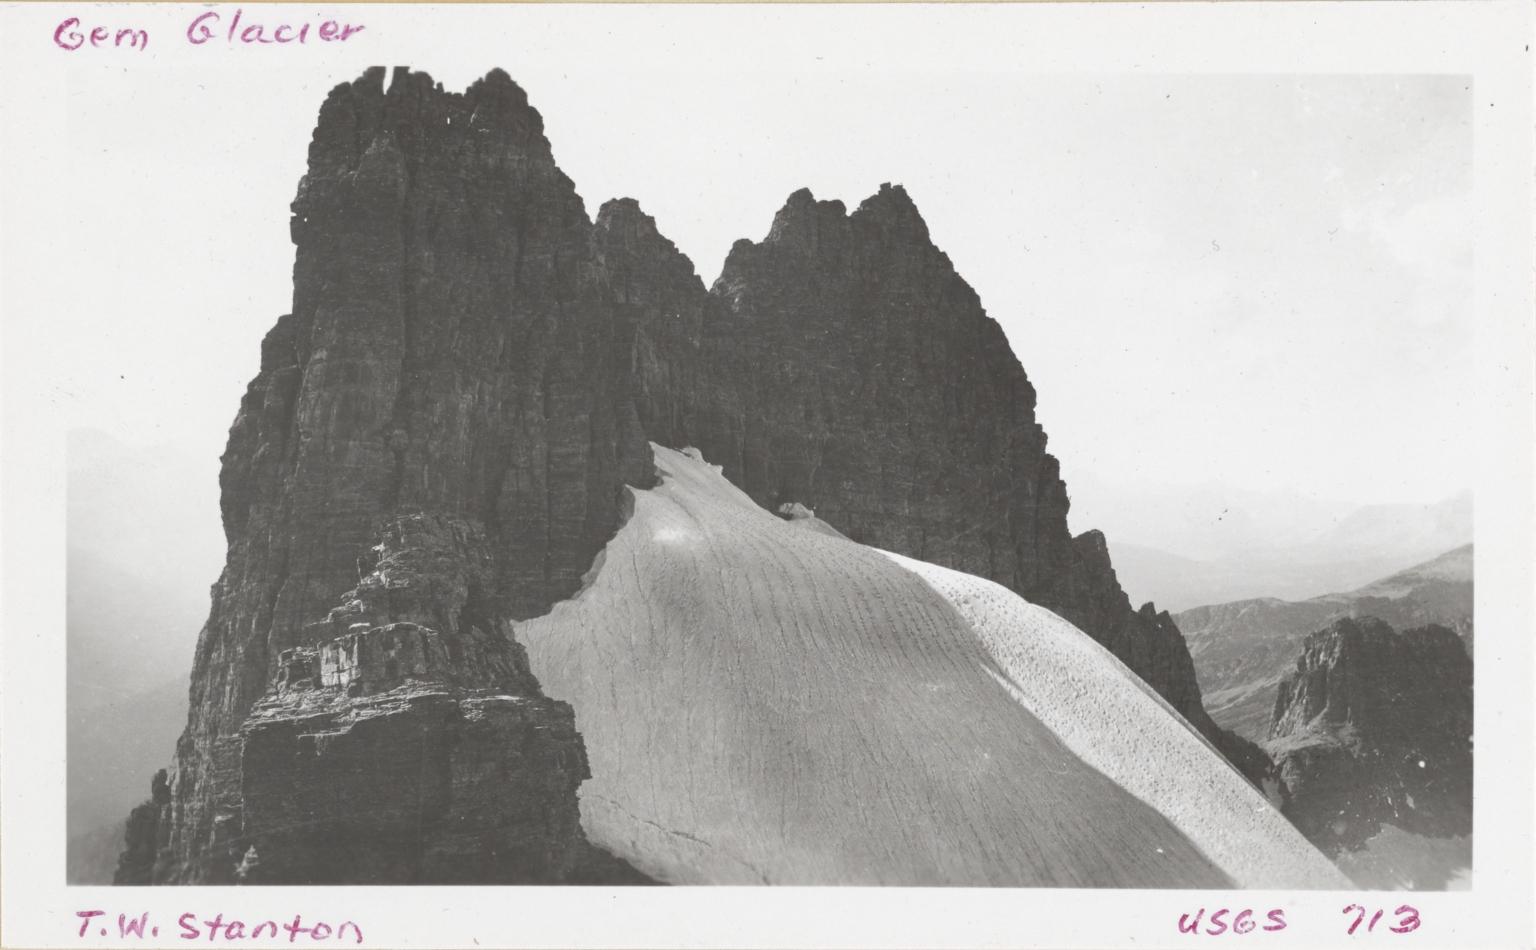 Gem Glacier, Montana